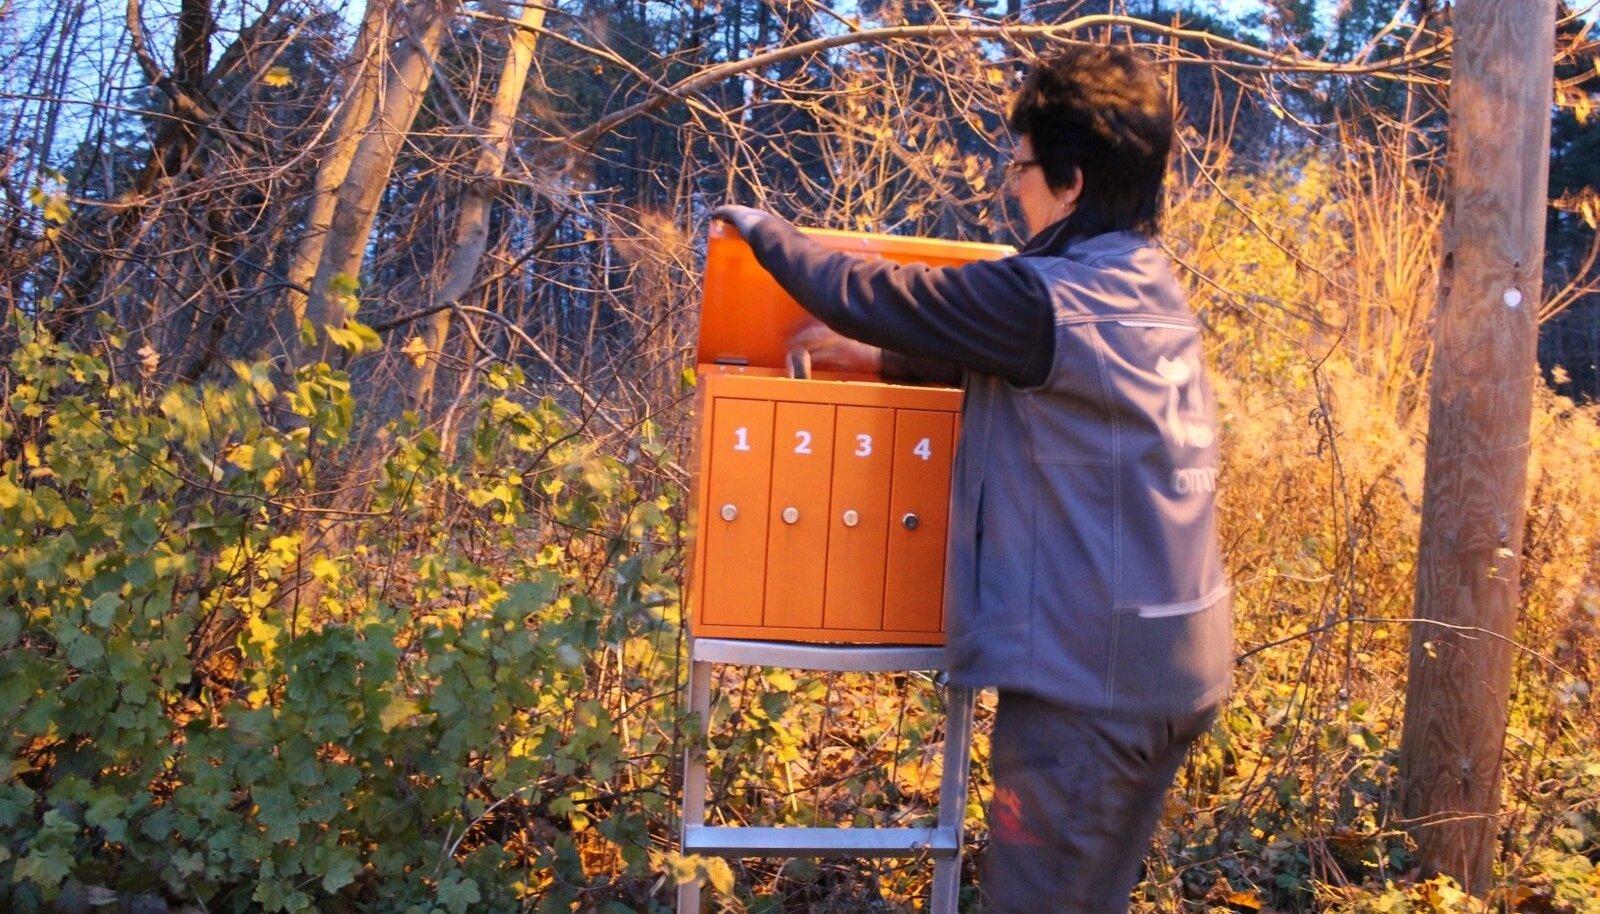 Väikeelamute rajoonis lihtsustab kirjakandja tööd see, kui postkastid on kobaras ühes kohas.